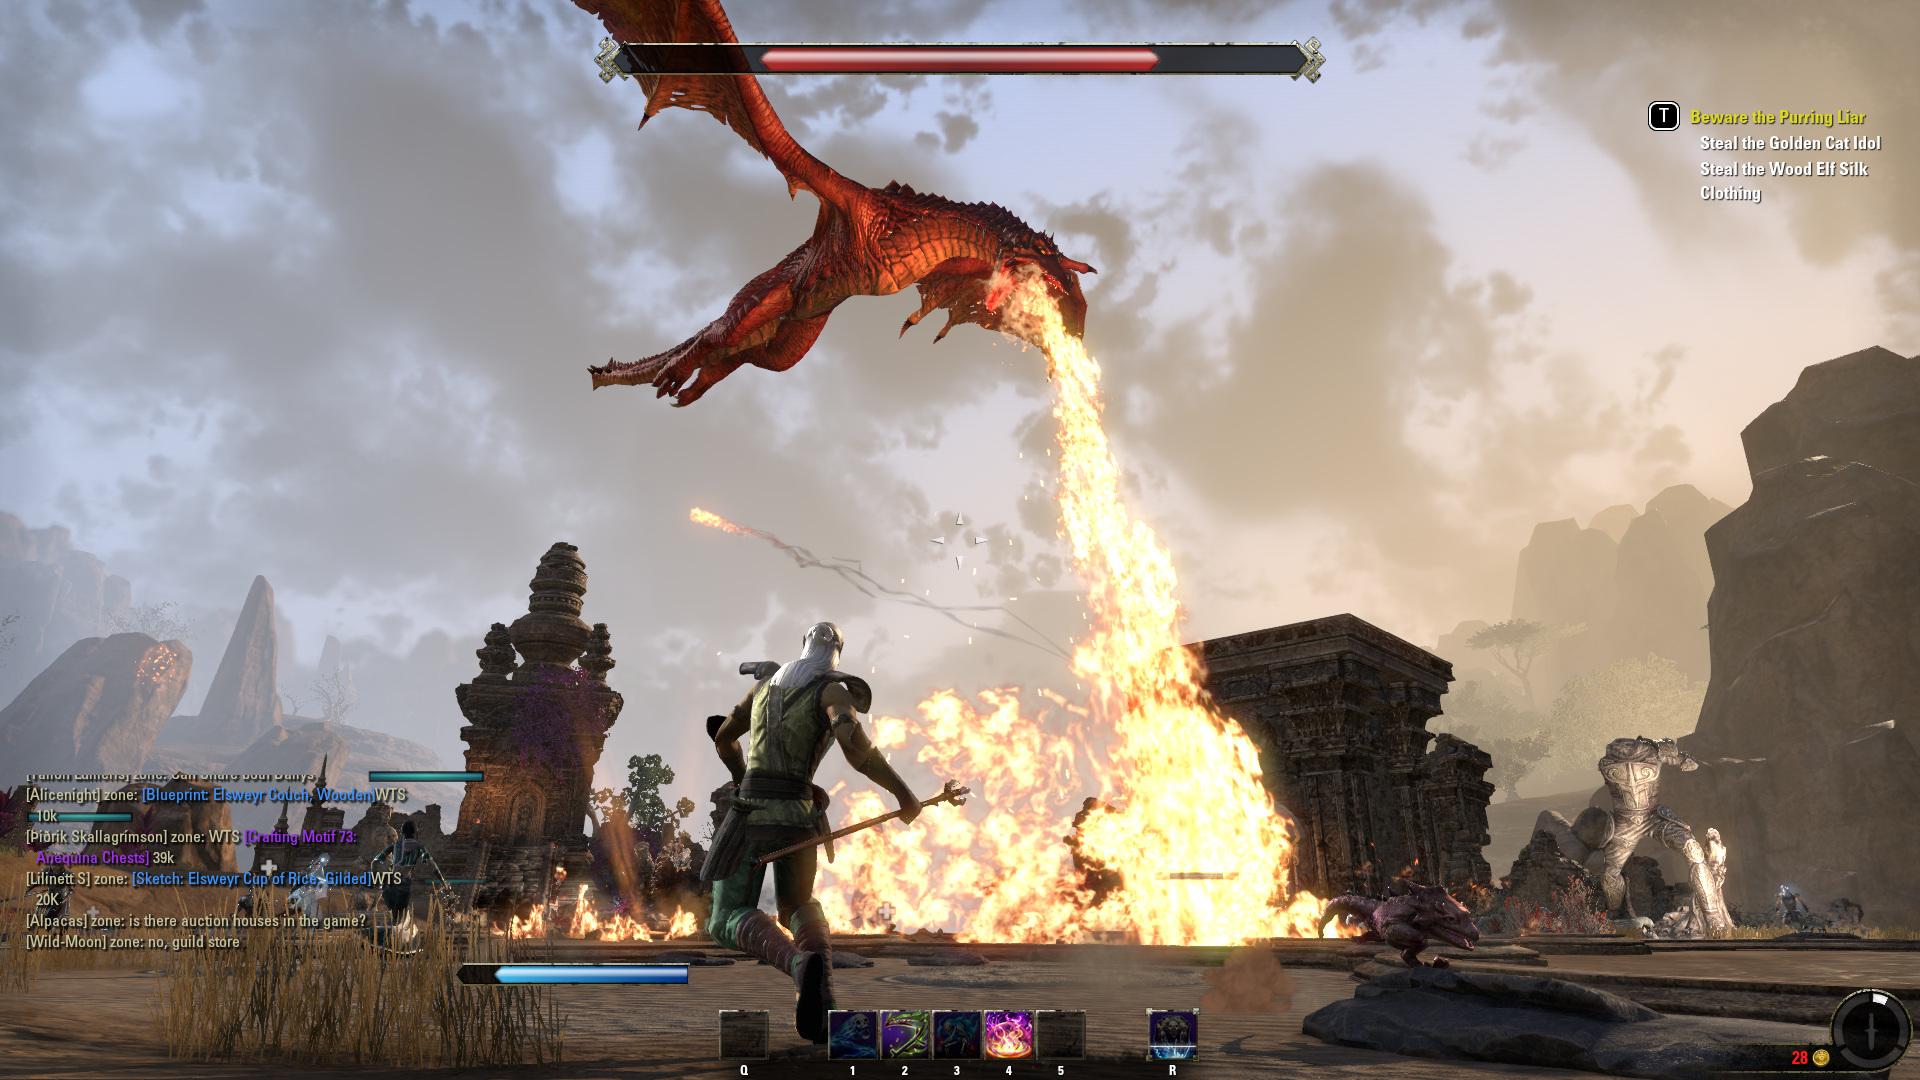 Análisis de The Elder Scrolls Online Elsweyr para PS4 - 3DJuegos